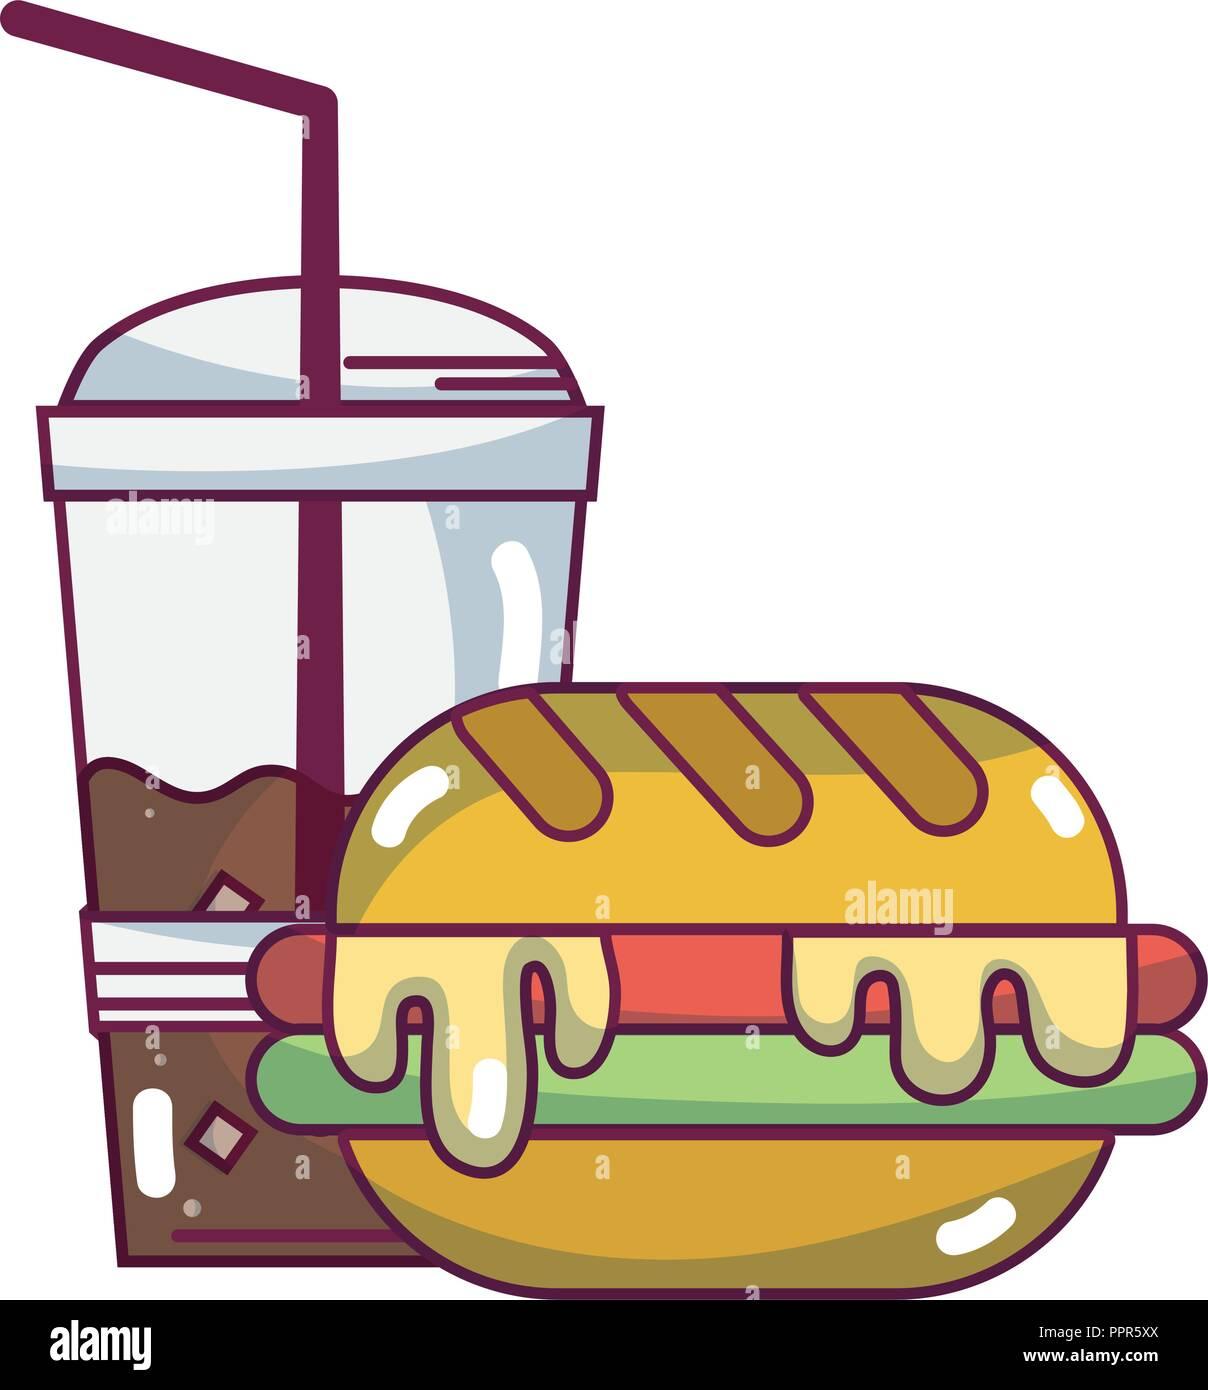 food and ingredients cartoons